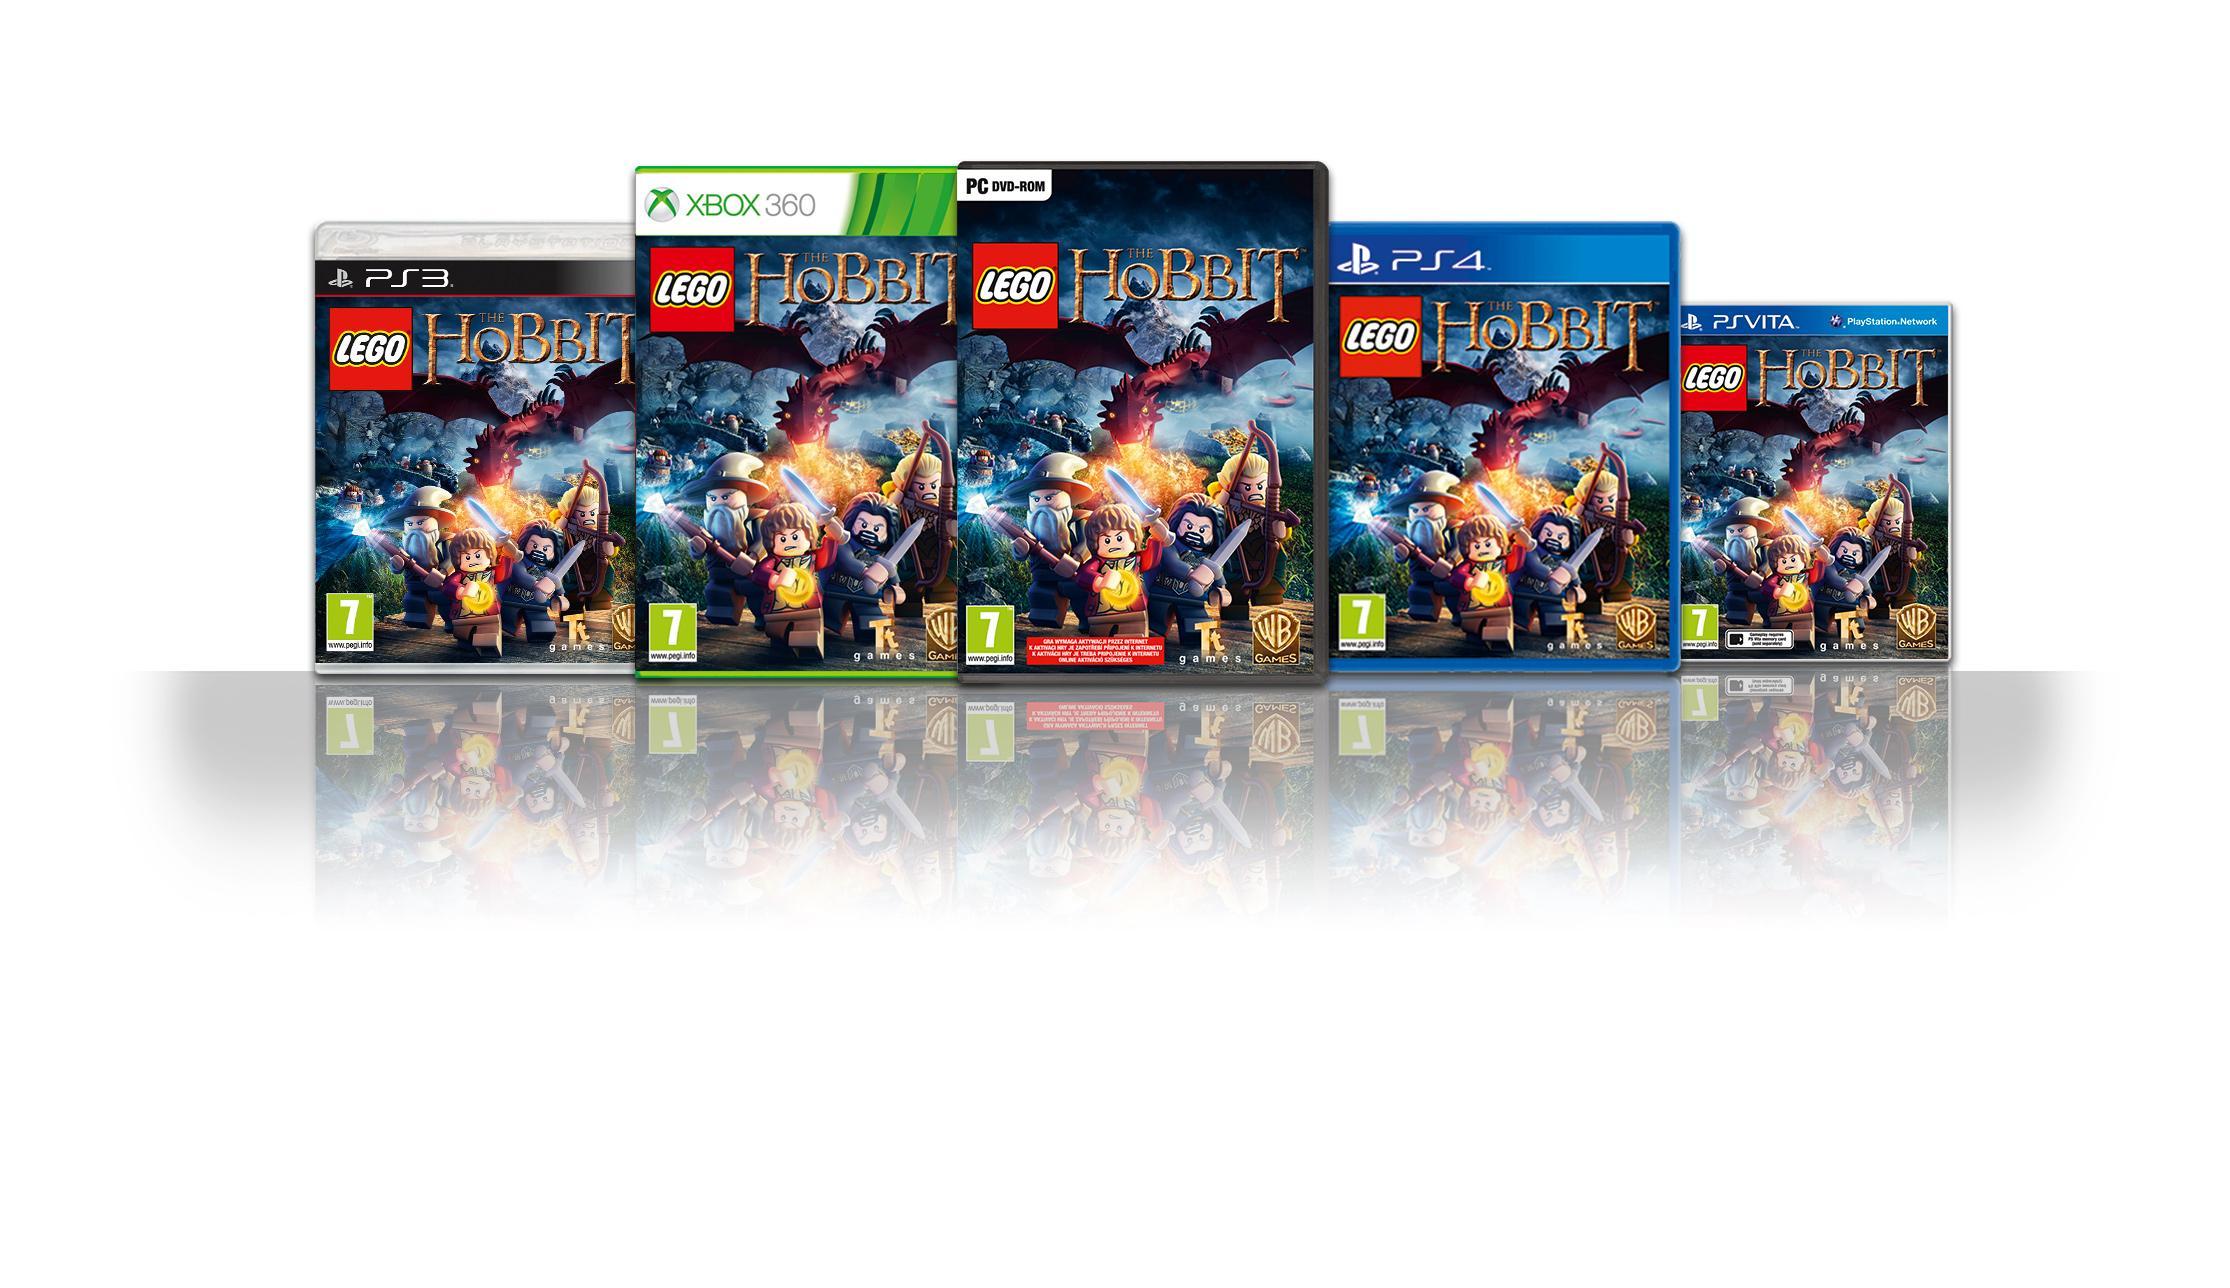 Lego The Hobbit desktop wallpaper 13 of 15 Video Game Wallpapers 2230x1288